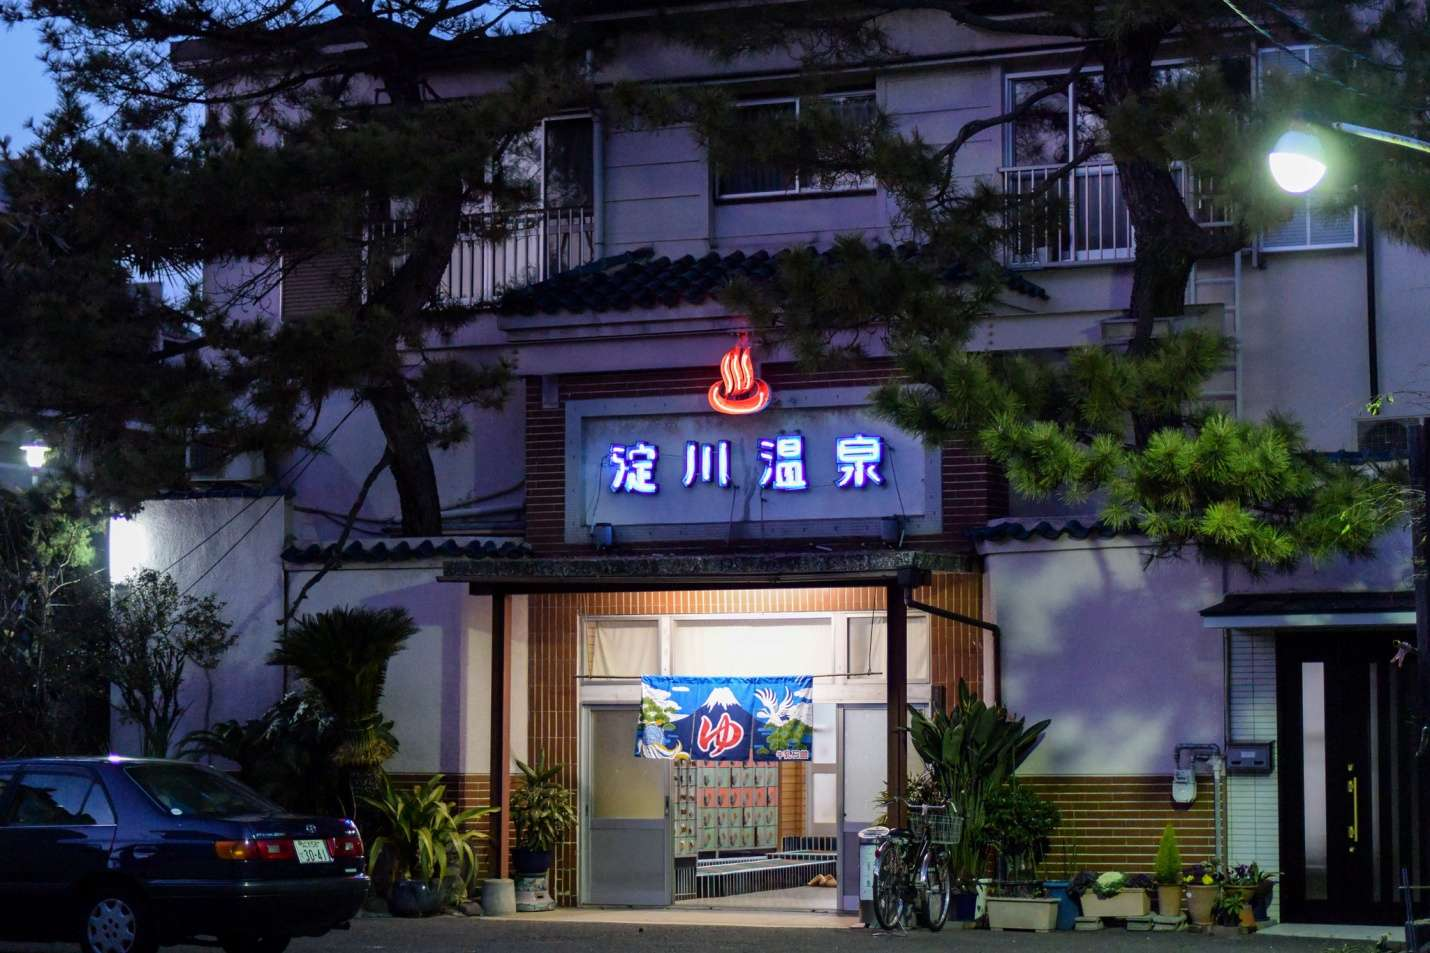 Nhà tắm Sento dễ dàng tìm thấy tại mọi thành phố trên khắp nước Nhật